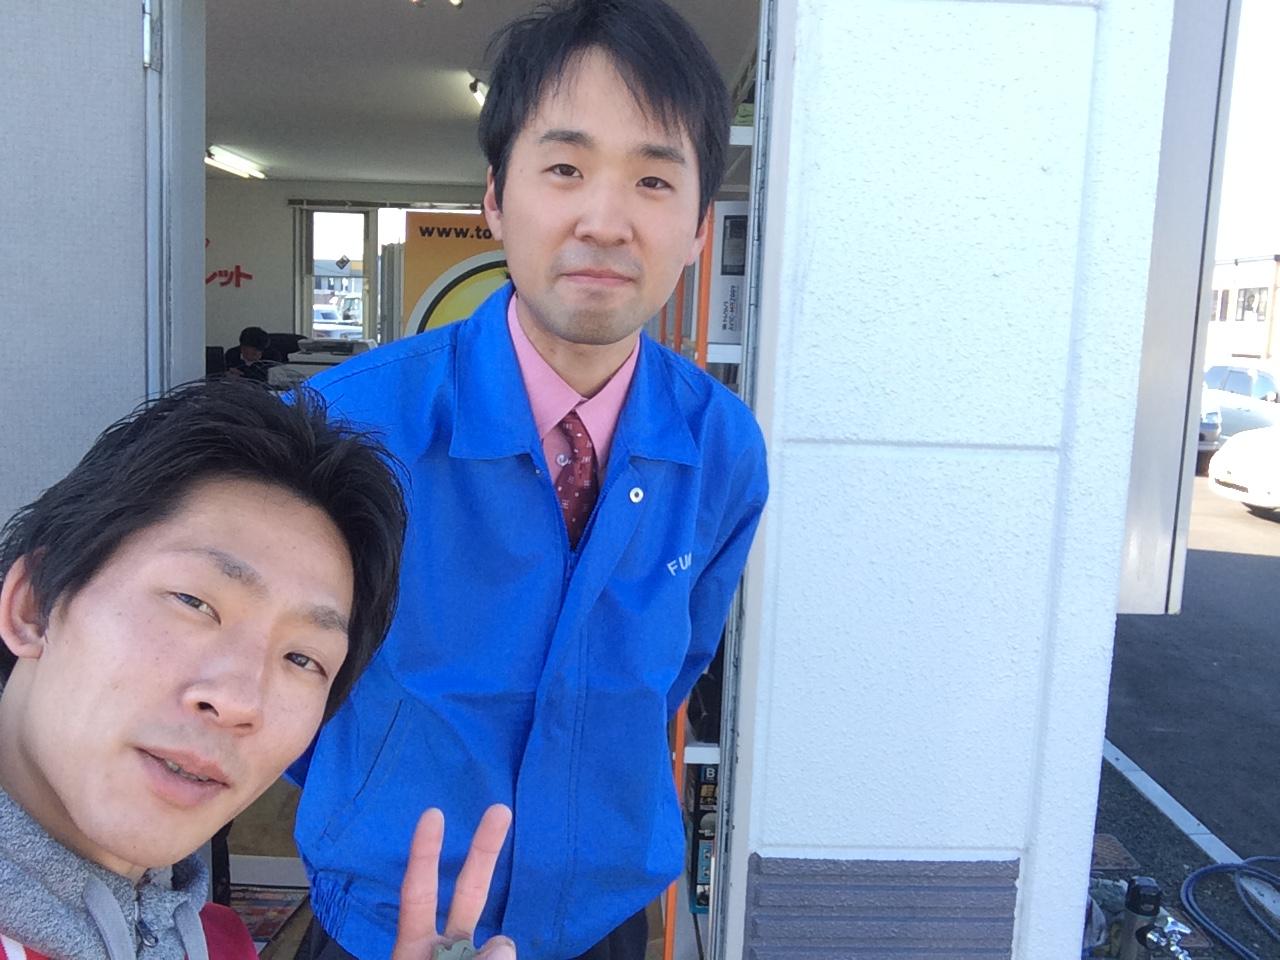 10月7日(火)W様ライフダンク納車☆103円カー☆軽自動車♪_b0127002_1927245.jpg